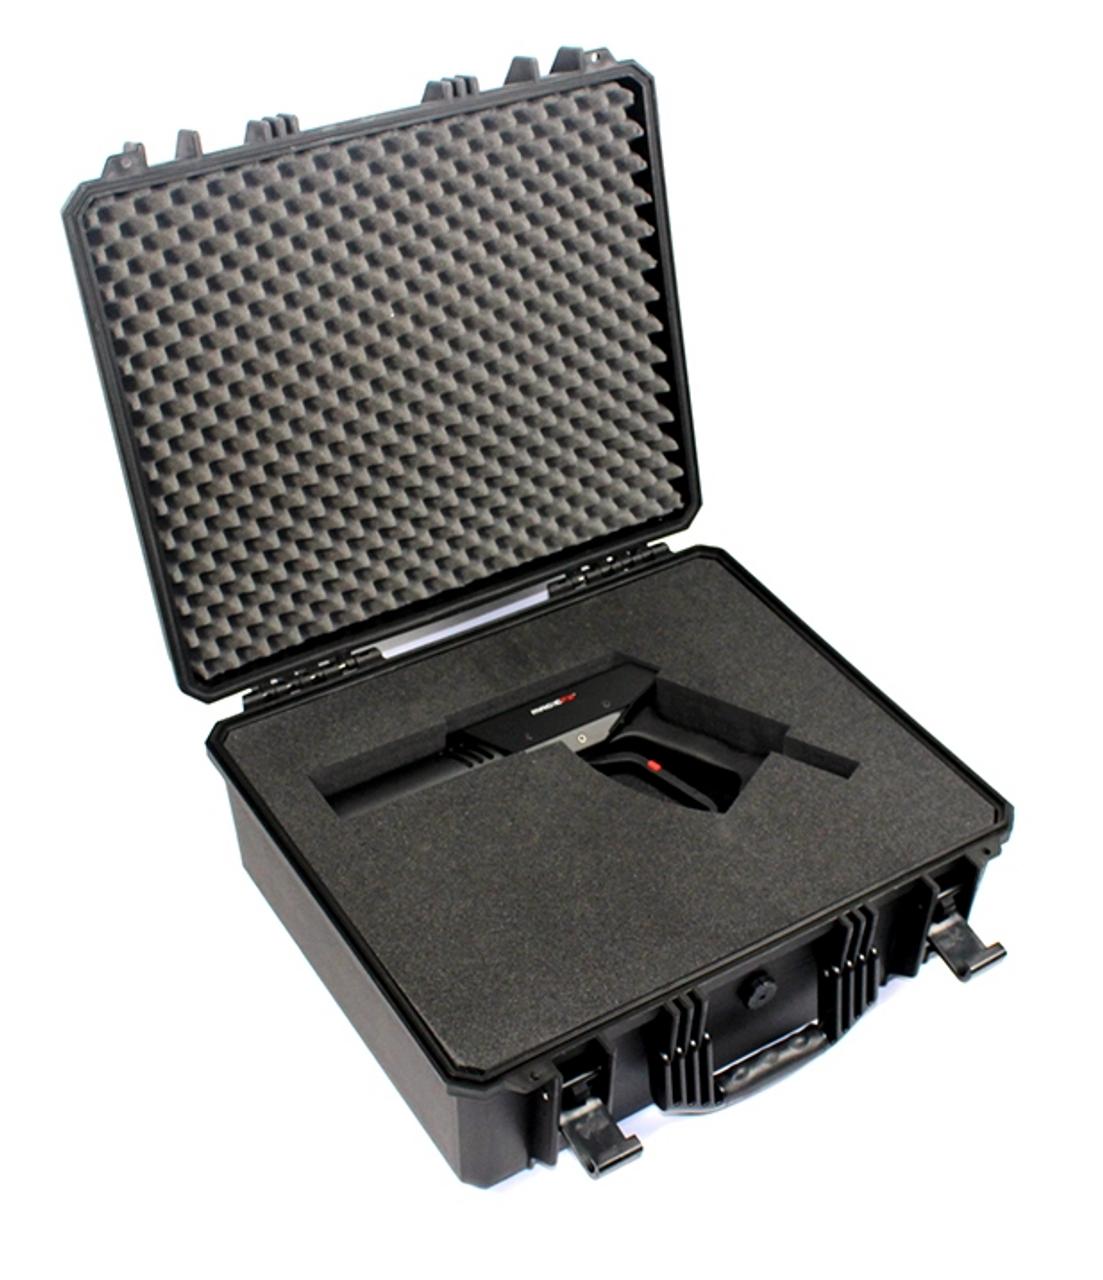 MAGICFX CO2 PISTOL case